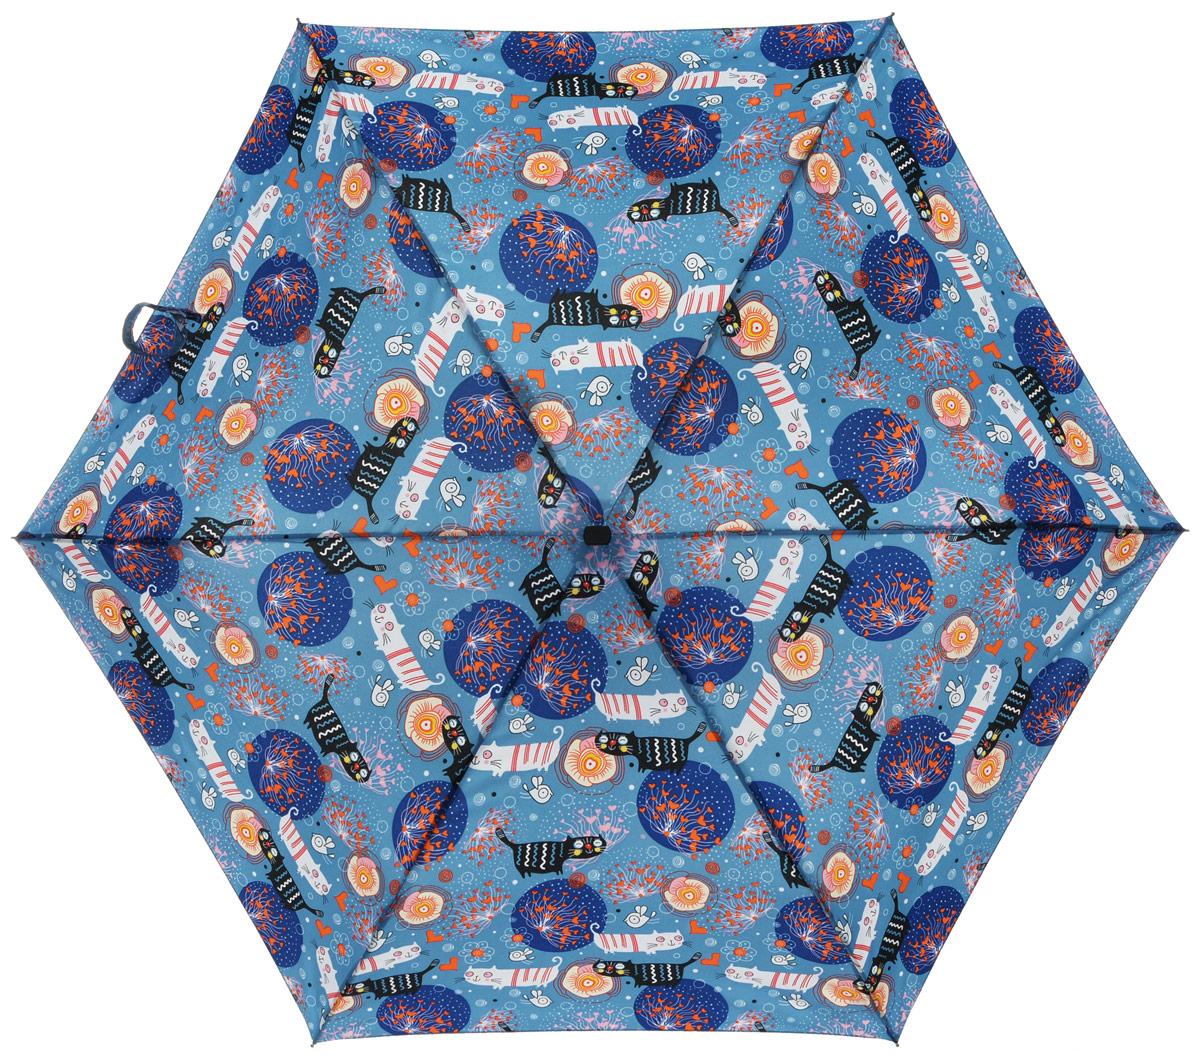 Зонт женский Labbra, автомат, 3 сложения, цвет: голубой. A3-05-LF034A3-05-LF034Яркий зонт Labbra не оставит вас незамеченной. Зонт оформлен оригинальным принтом с изображением кошек. Зонт состоит из шести спиц и стержня, изготовленных из стали, алюминия и фибергласса. Купол выполнен из качественного полиэстера и эпонжа, которые не пропускают воду. Зонт дополнен удобной ручкой из пластика. Зонт имеет автоматический механизм сложения: купол открывается и закрывается нажатием кнопки на ручке, стержень складывается вручную до характерного щелчка, благодаря чему открыть и закрыть зонт можно одной рукой. Ручка дополнена петлей, благодаря которой зонт можно носить на запястье . К зонту прилагается чехол. Удобный и практичный аксессуар даже в ненастную погоду позволит вам оставаться стильной и элегантной.